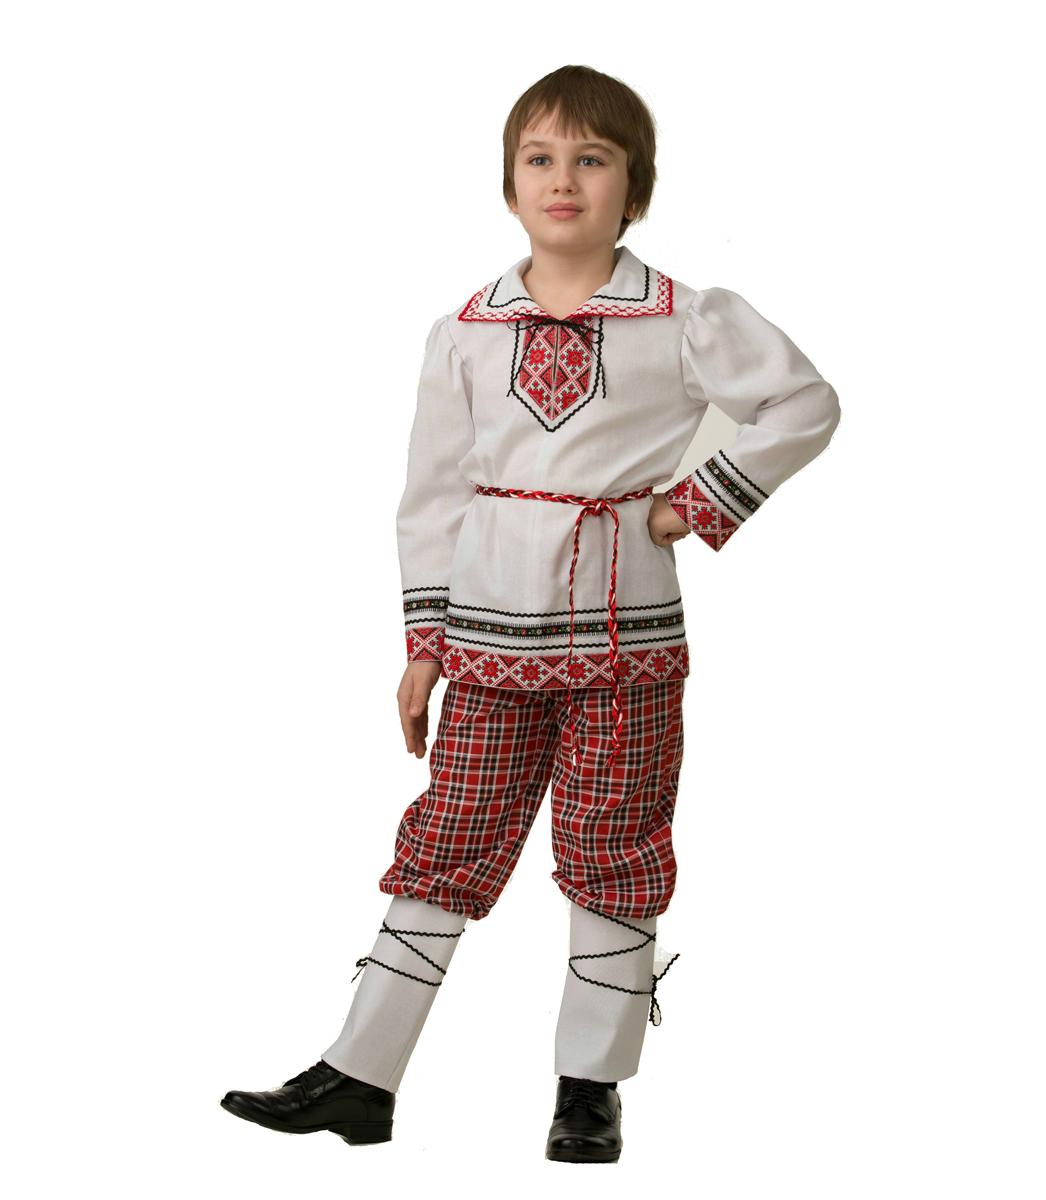 Батик Костюм карнавальный для мальчика Национальный костюм размер 38 костюм санты детский 38 40